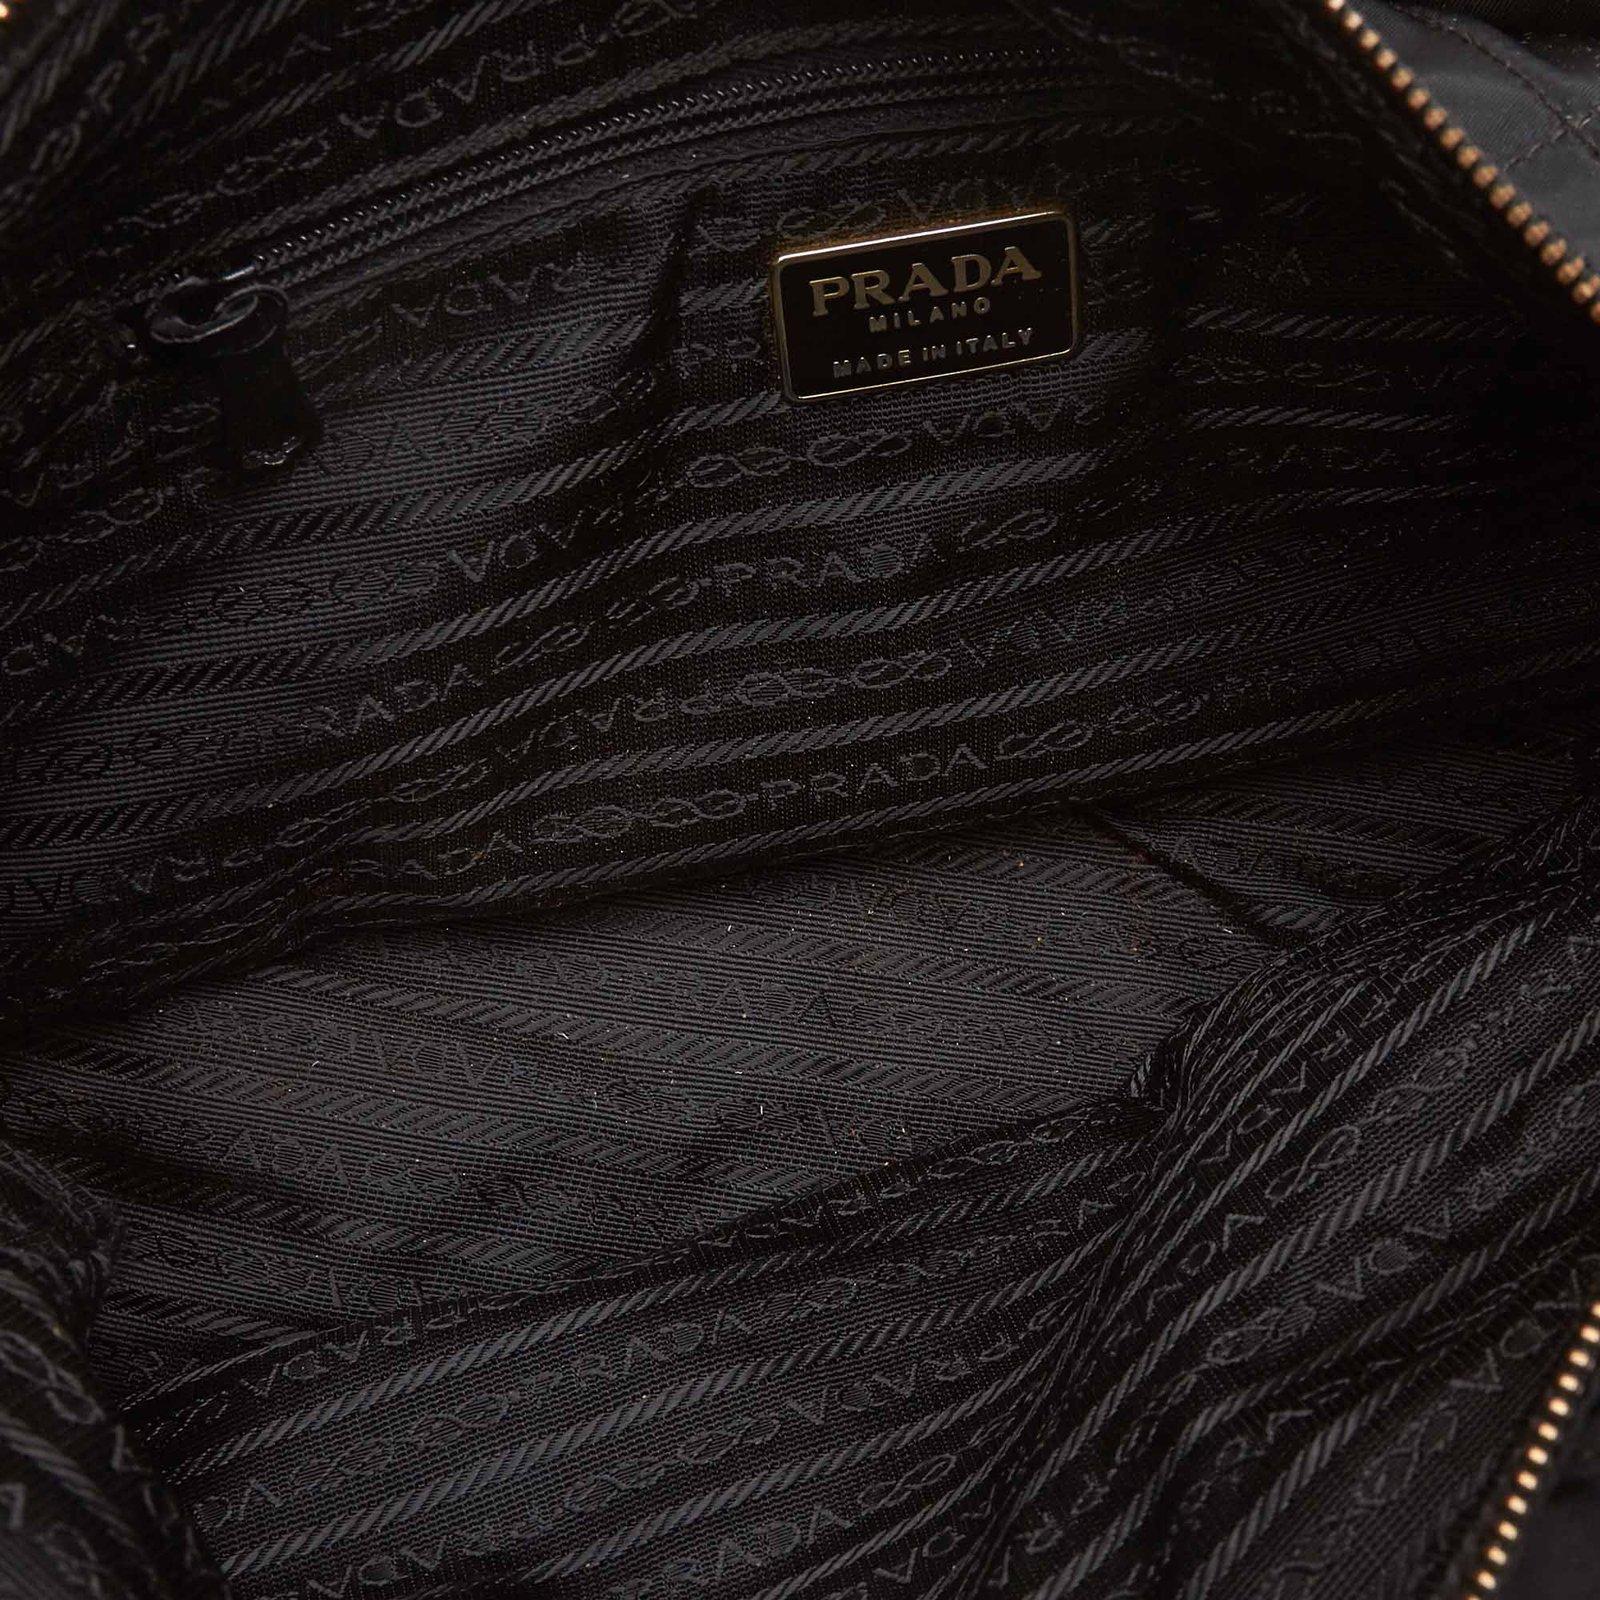 895a1f3fd42e Prada Quilted Nylon Chain Tote Bag Totes nylon